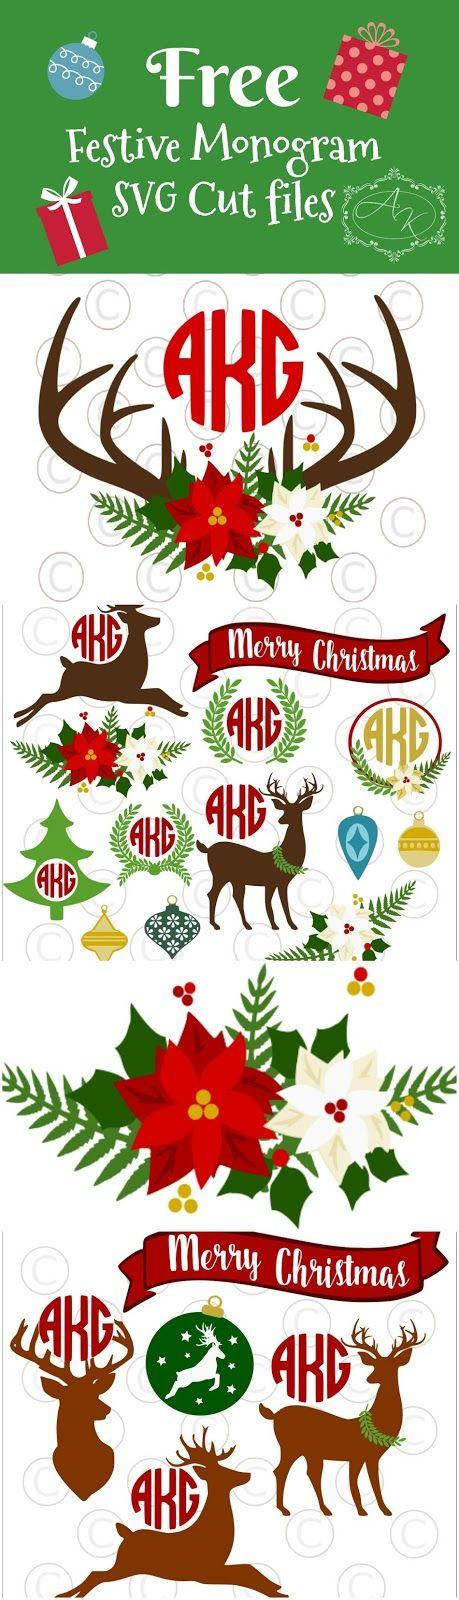 Free circle monogram SVG cut files. Christmas Svgs. Deer silhouette. Deer Antlers